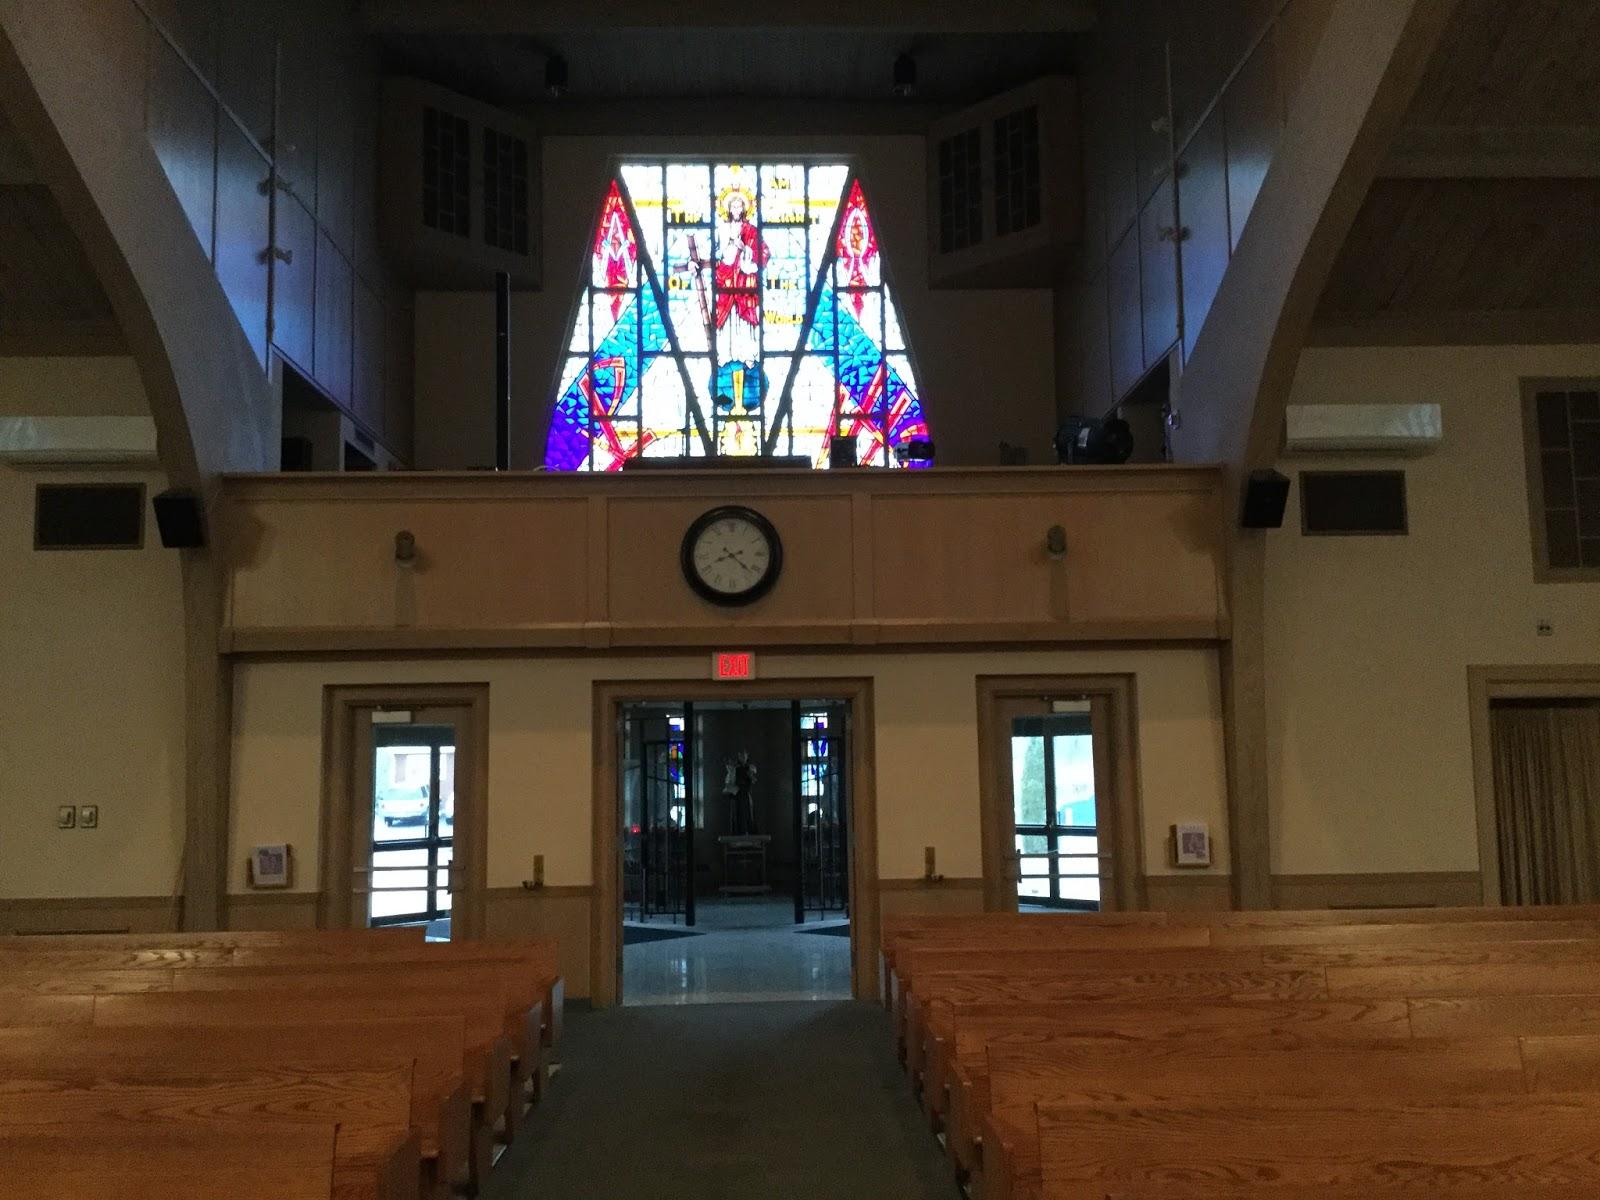 St Kevin School Warwick Rhode Island